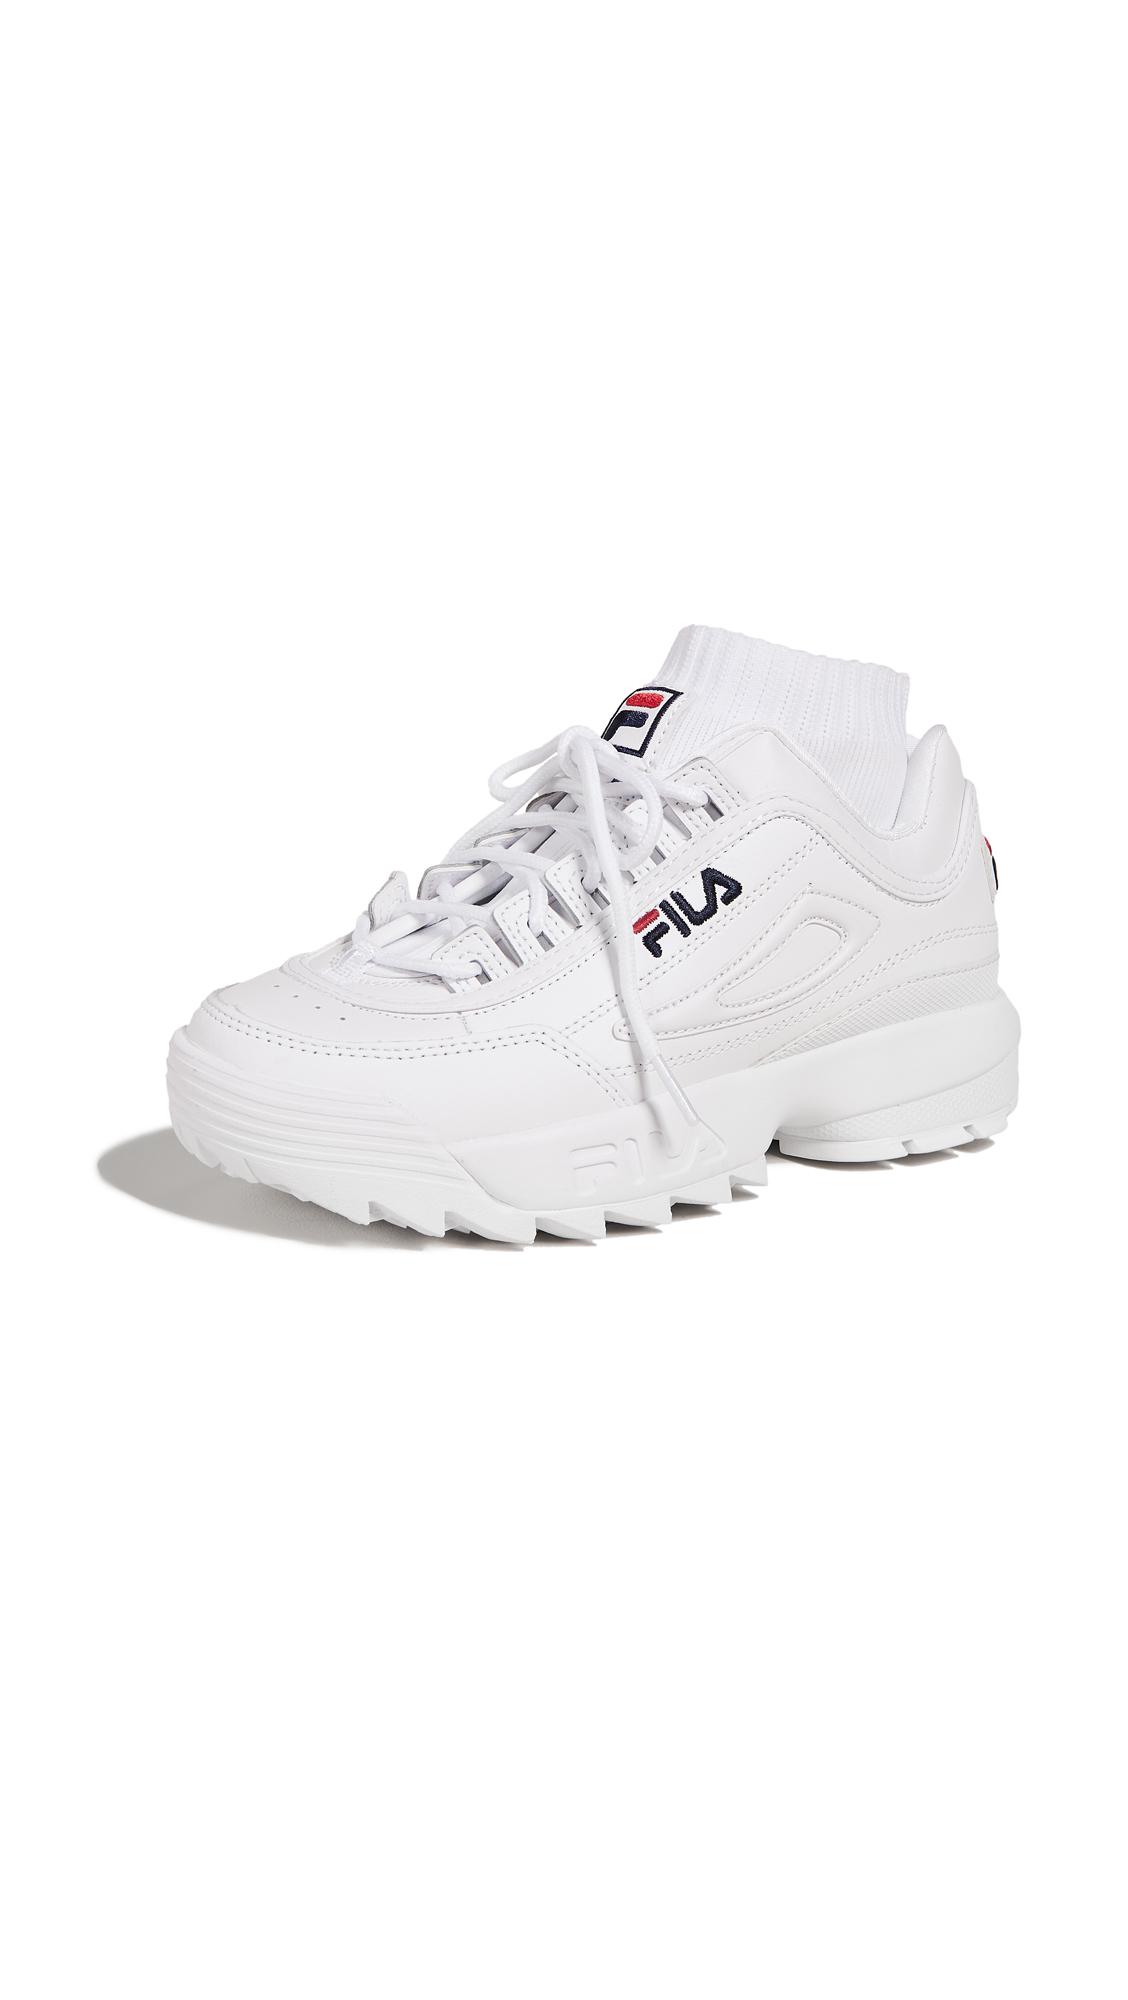 Fila Disruptor Evo Sockfit Sneakers - White/Fila Navy/Fila Red